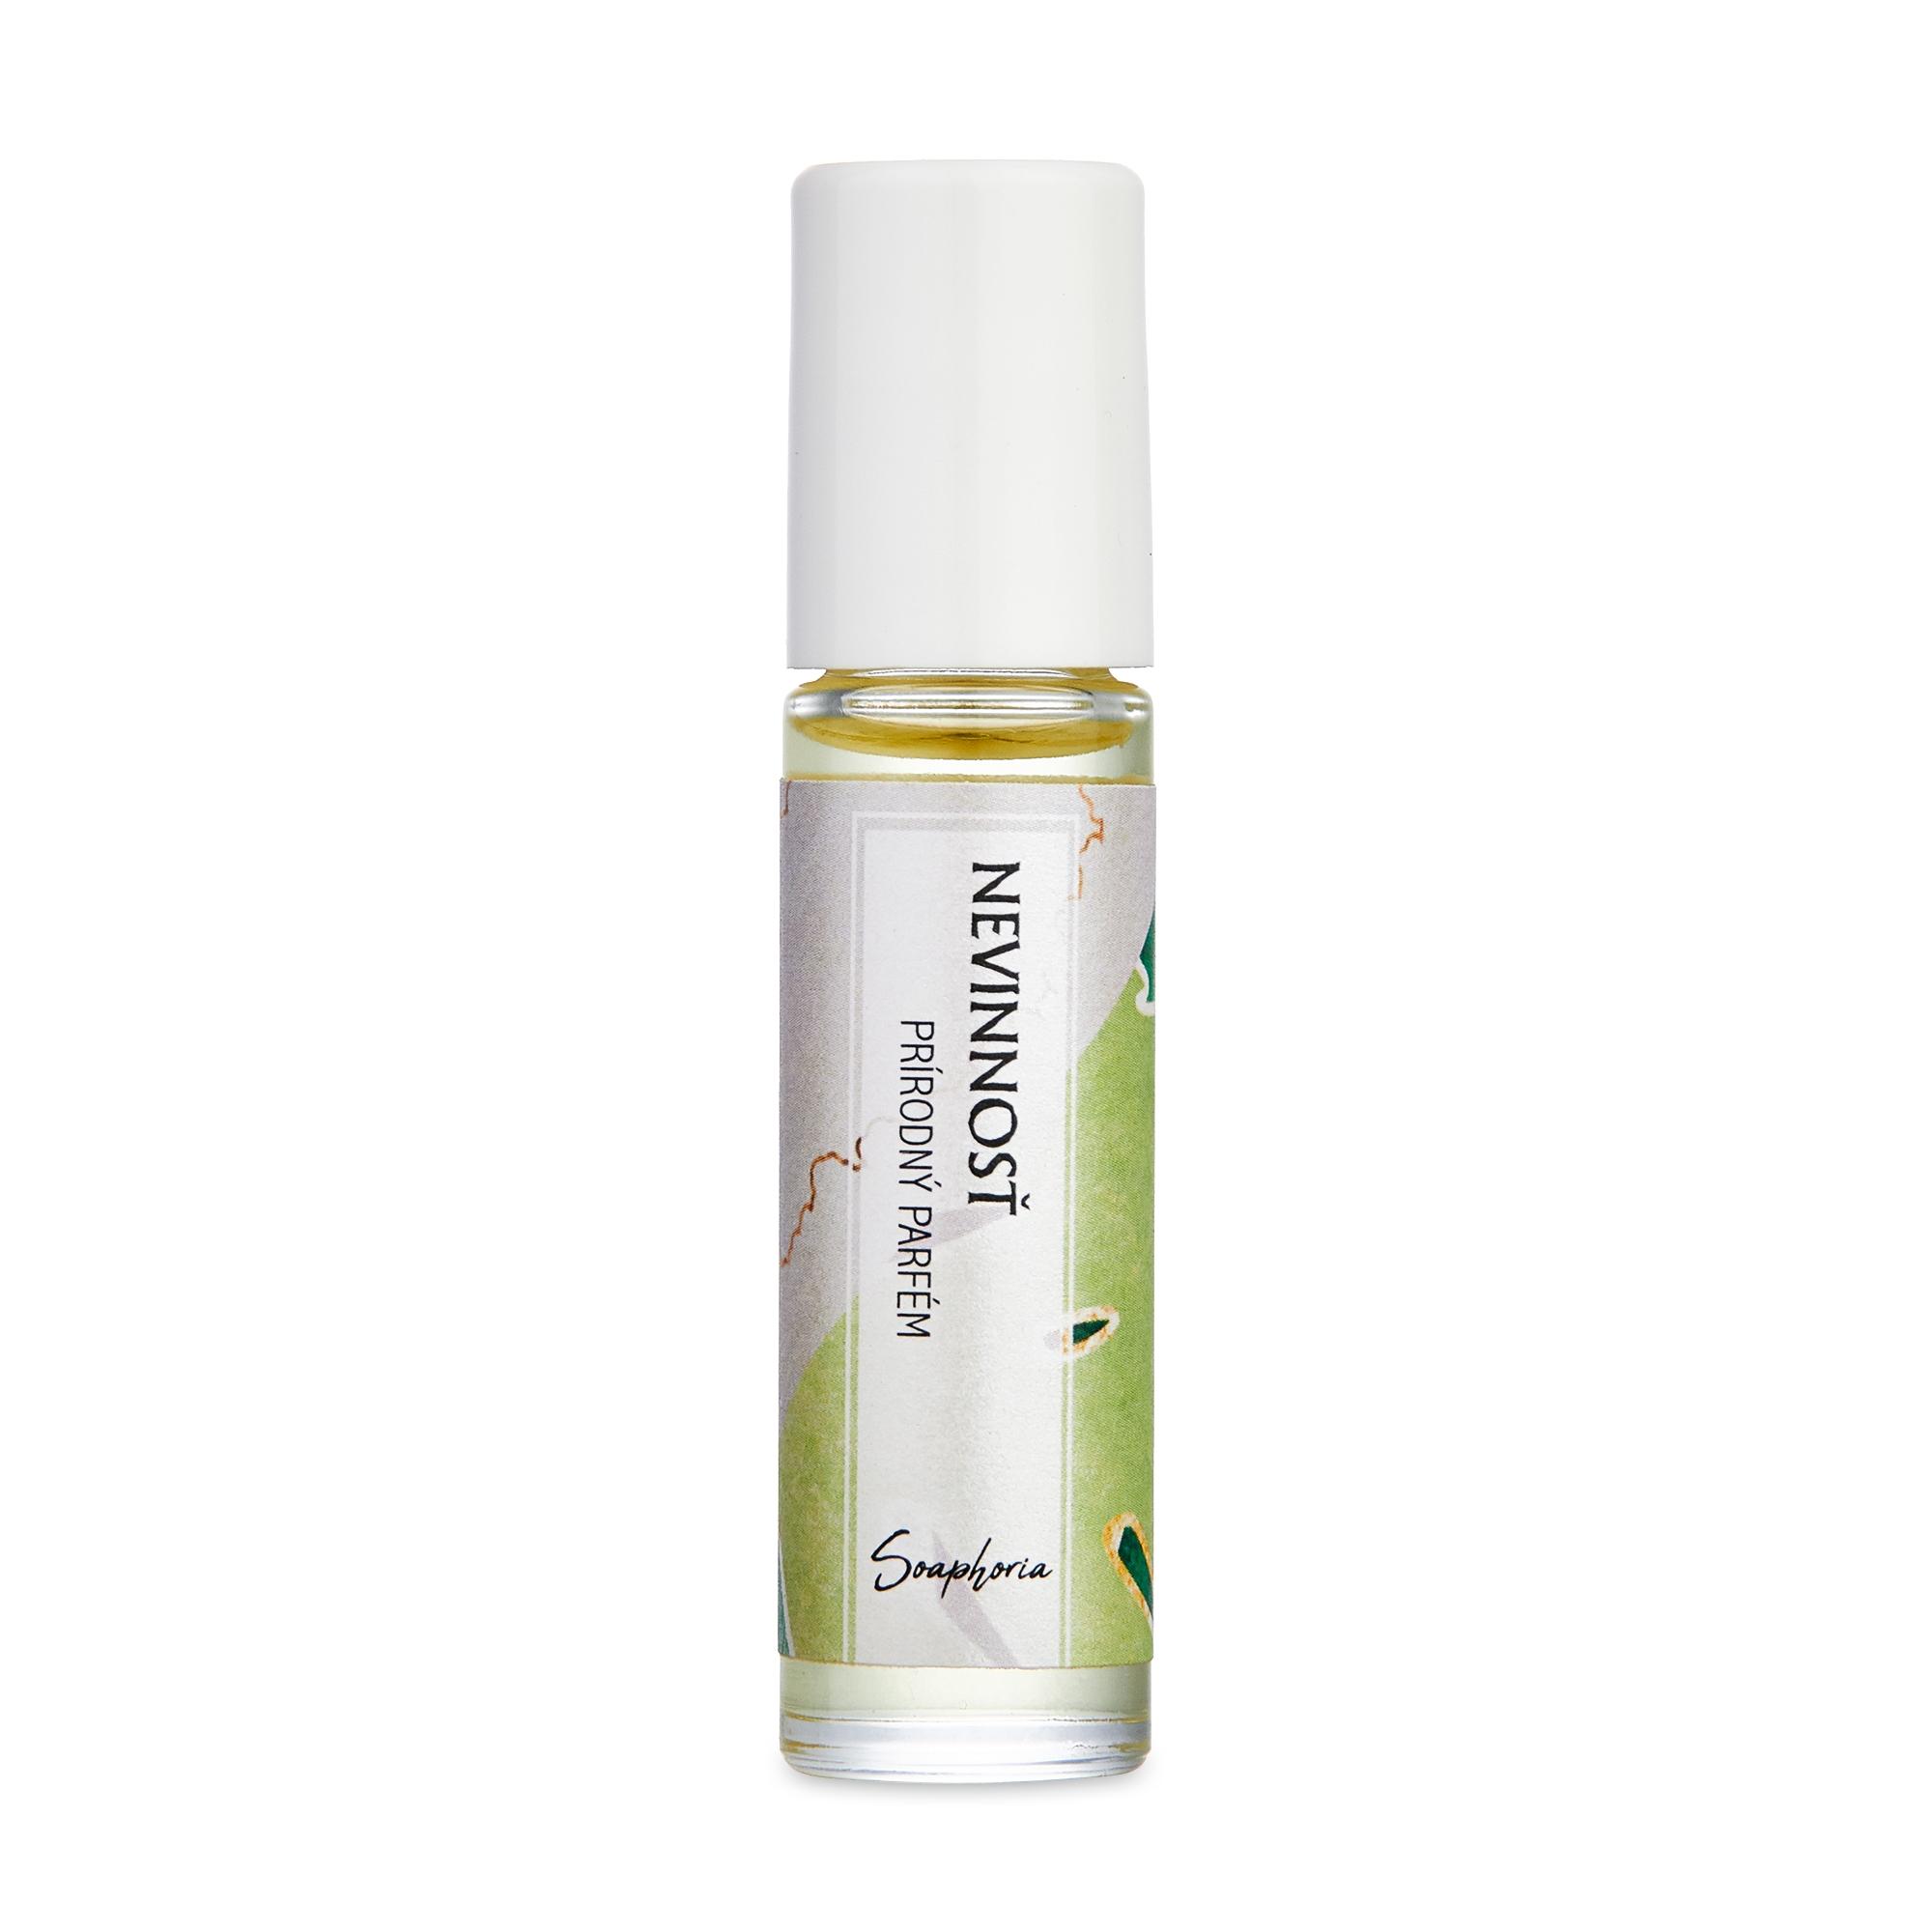 Ártatlanság - természetes parfüm